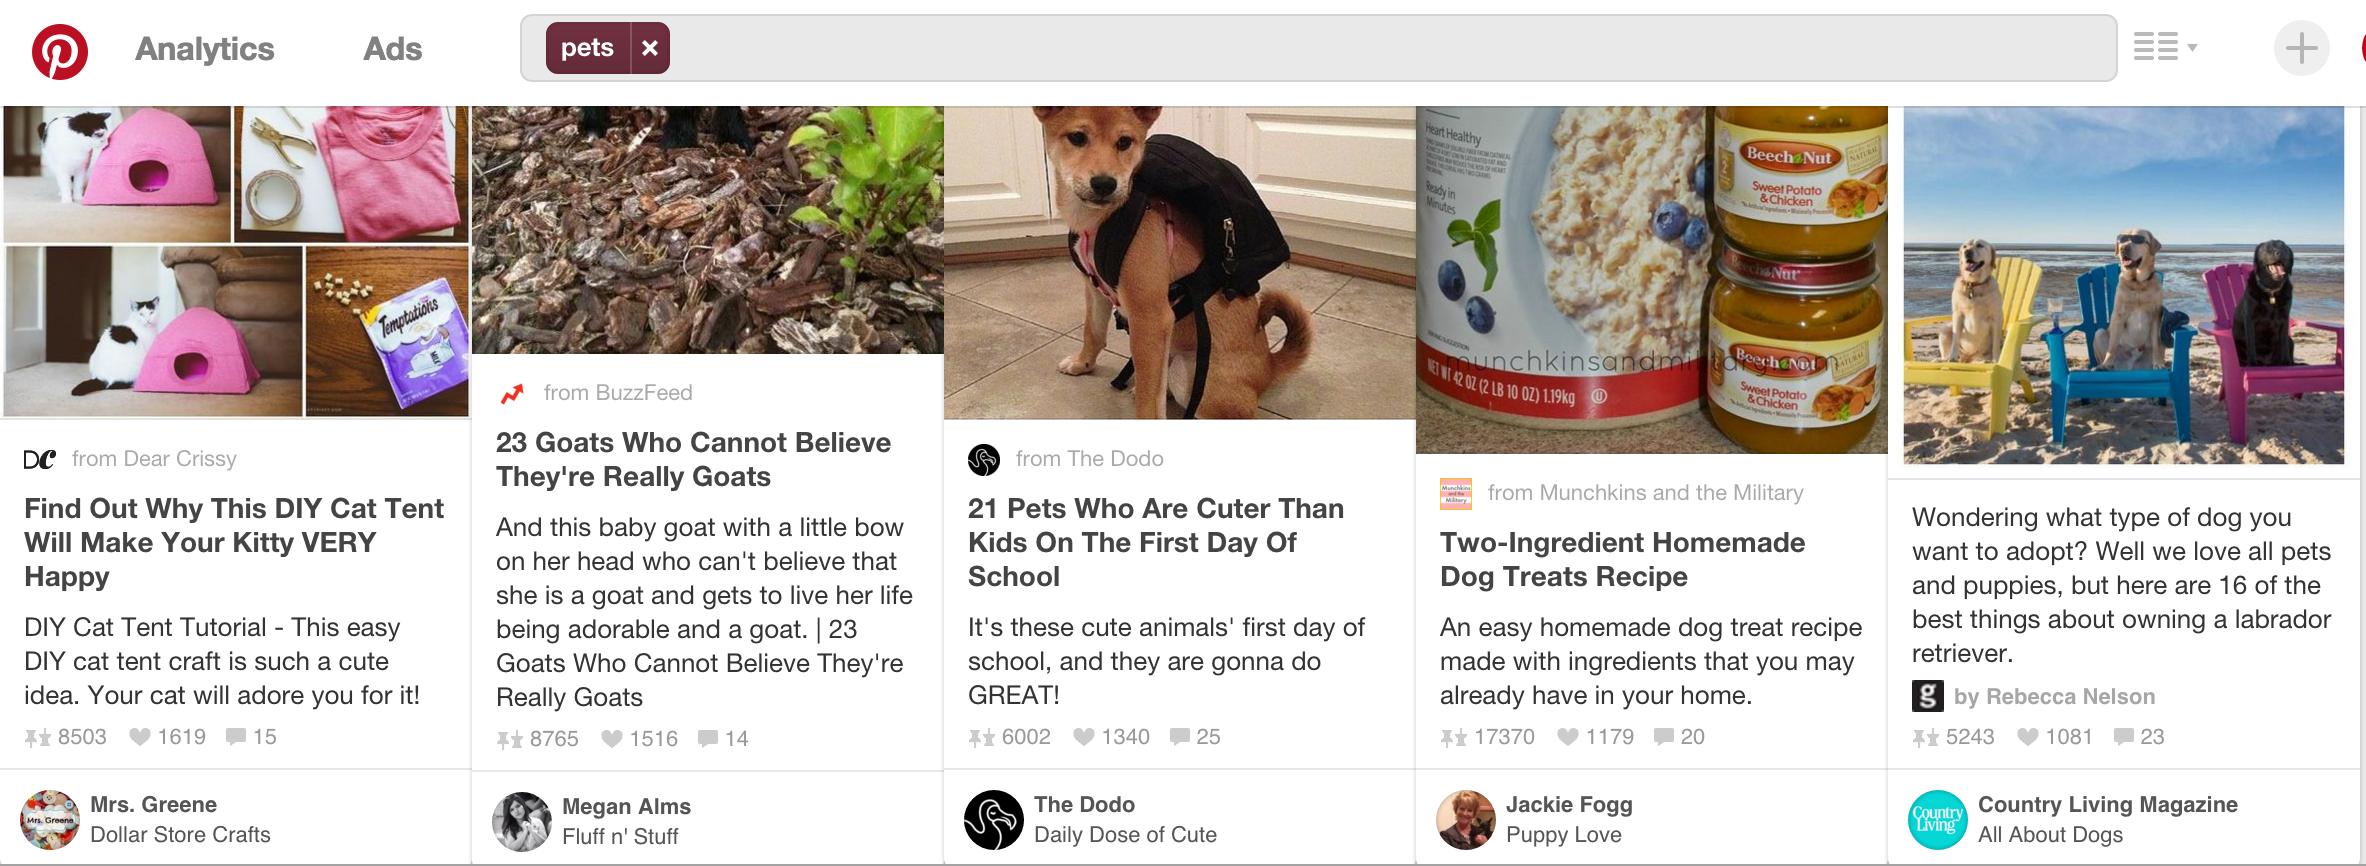 如何在Pinterest上按照Like数量筛选Pins